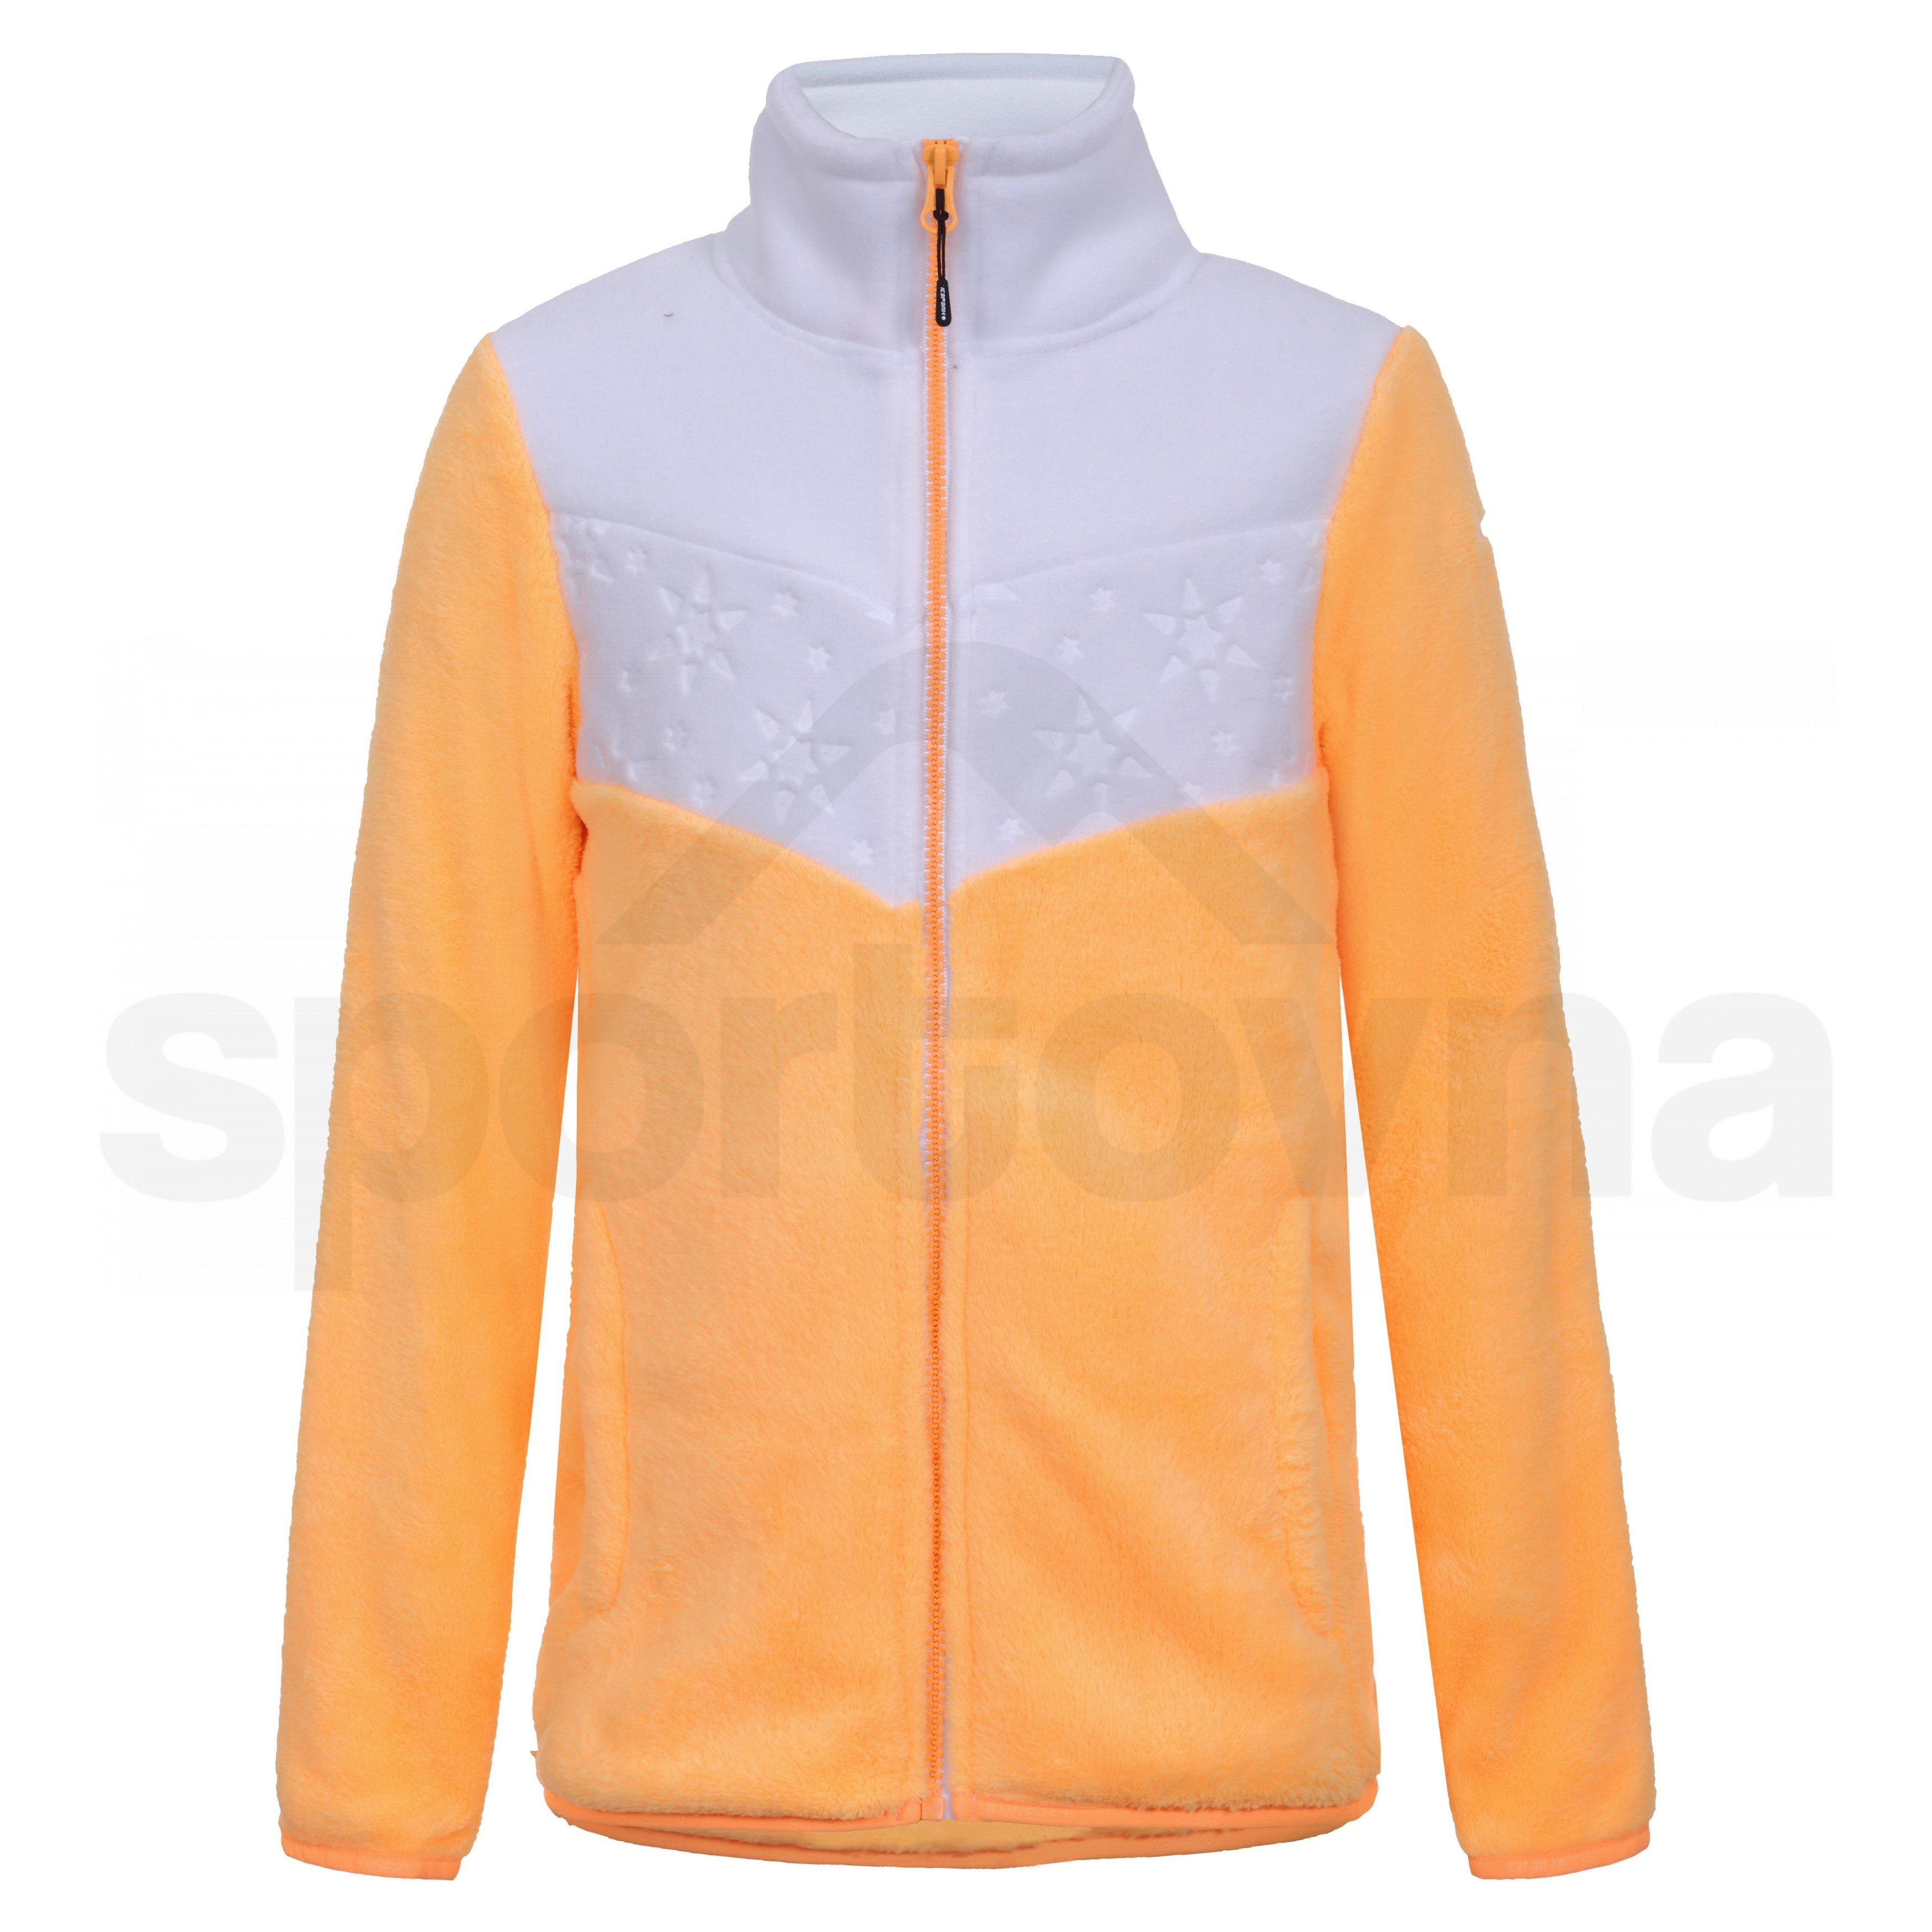 icepeak-limon-jr-jacket-440-icepeak-389868